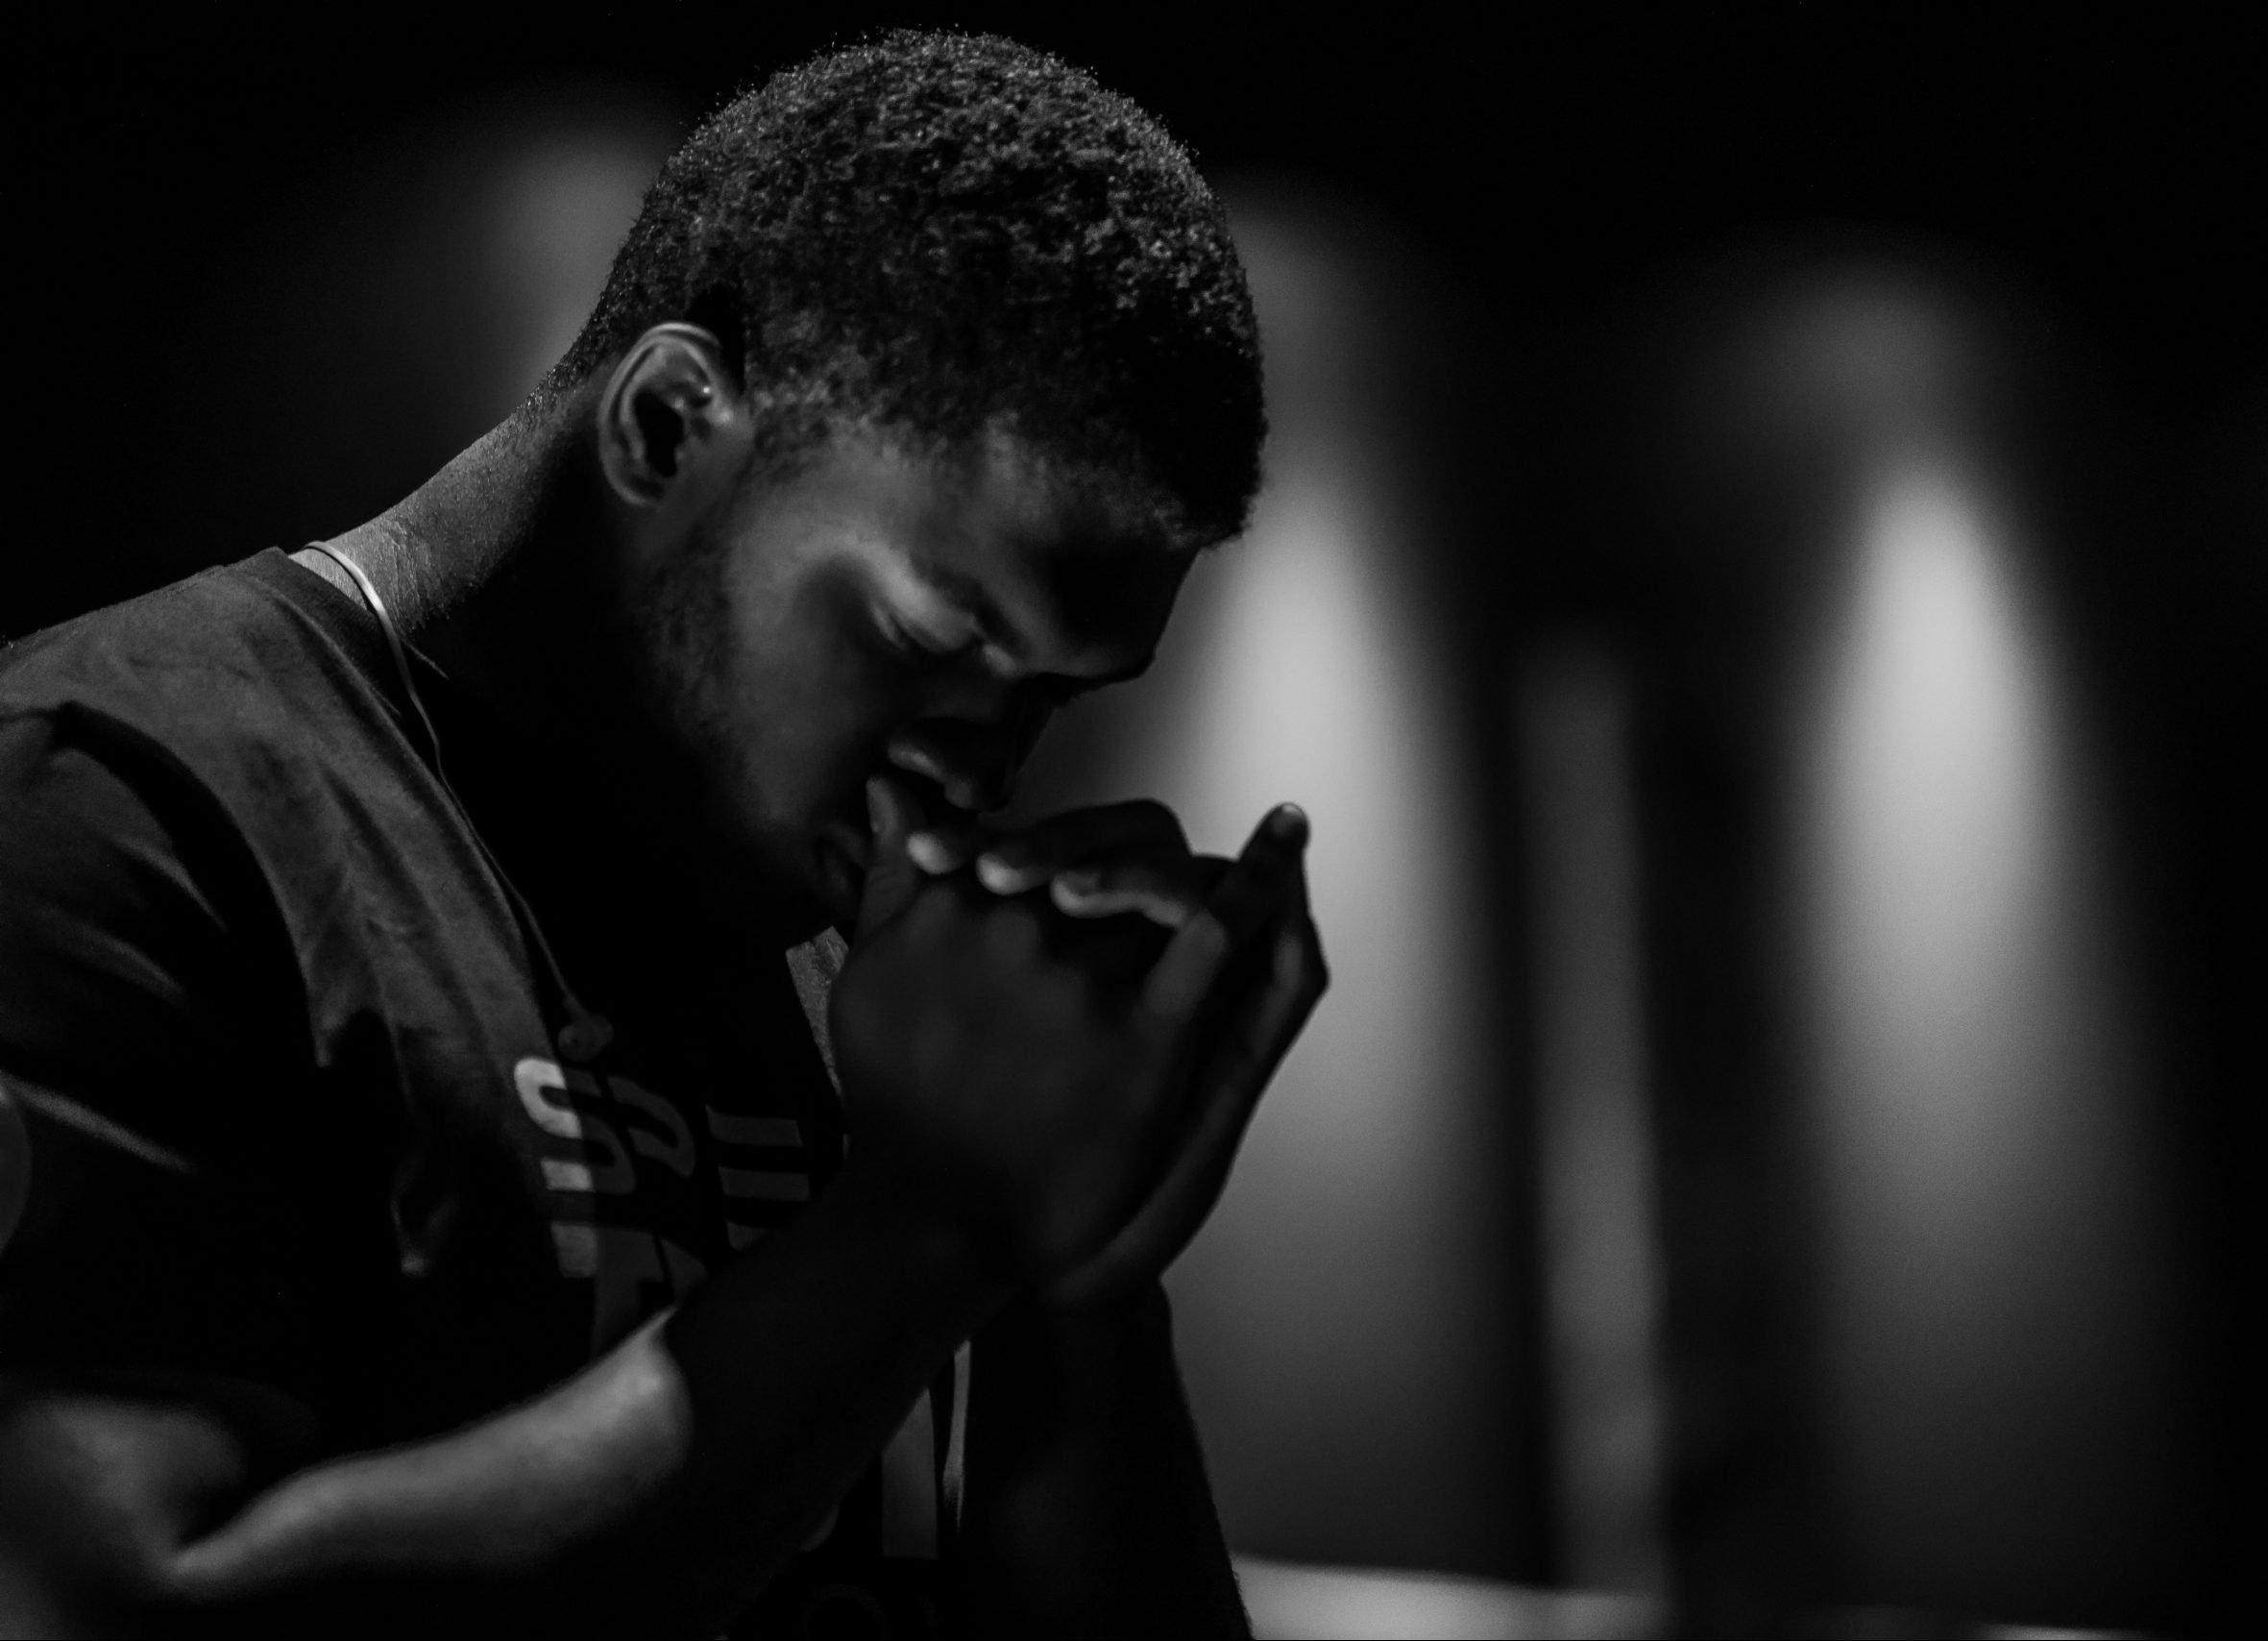 man praying